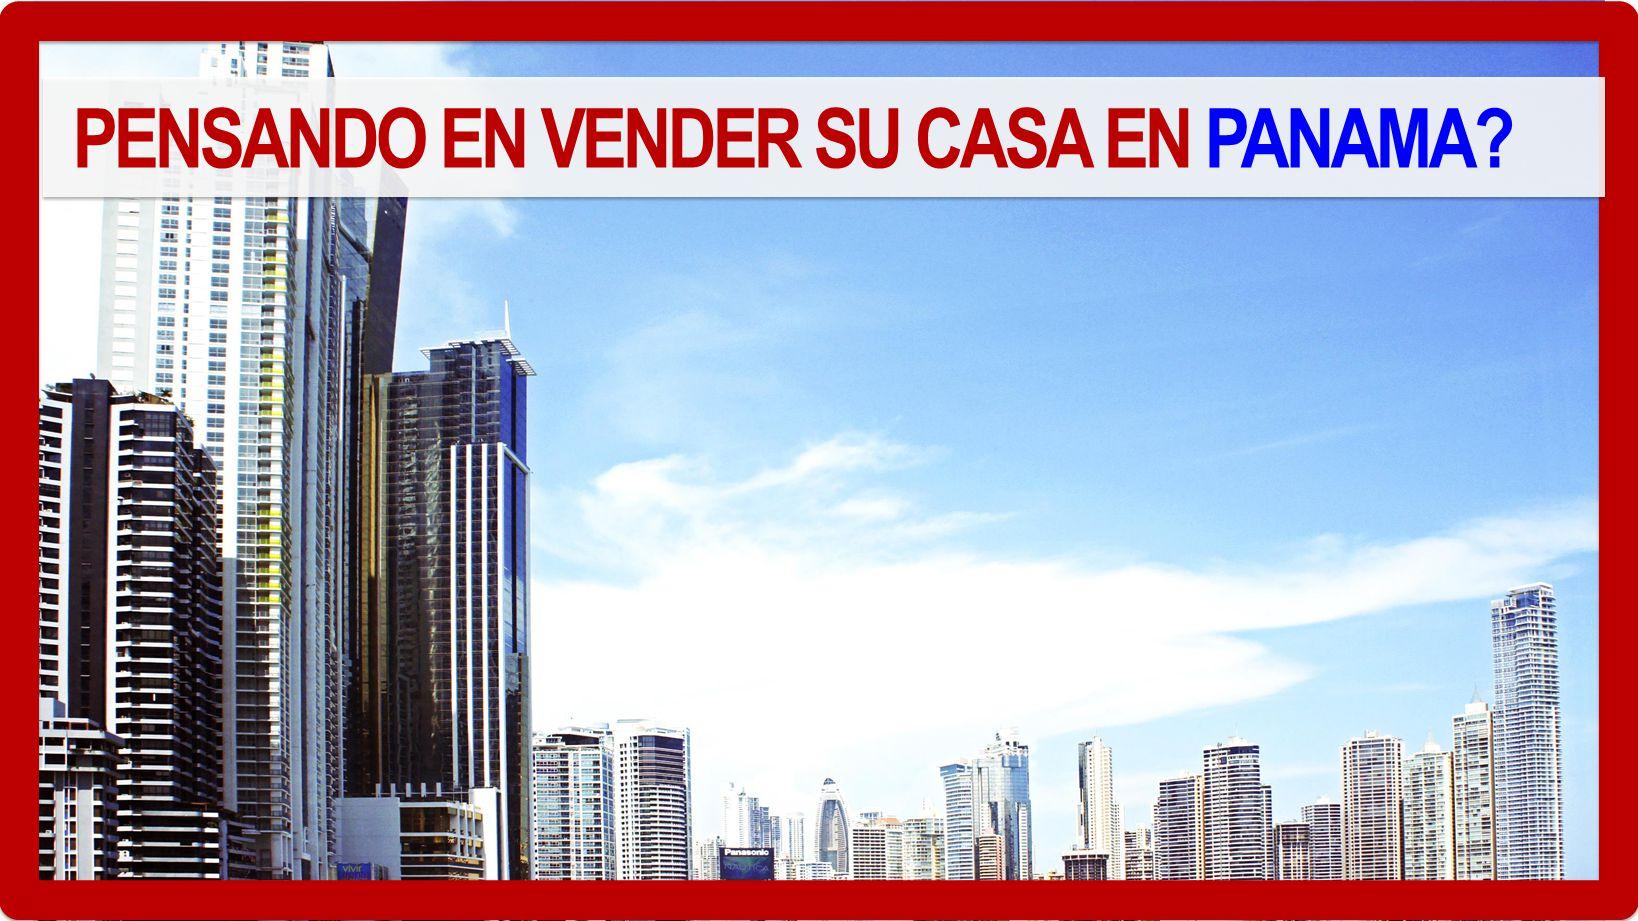 PENSANDO EN VENDER SU CASA EN PANAMA